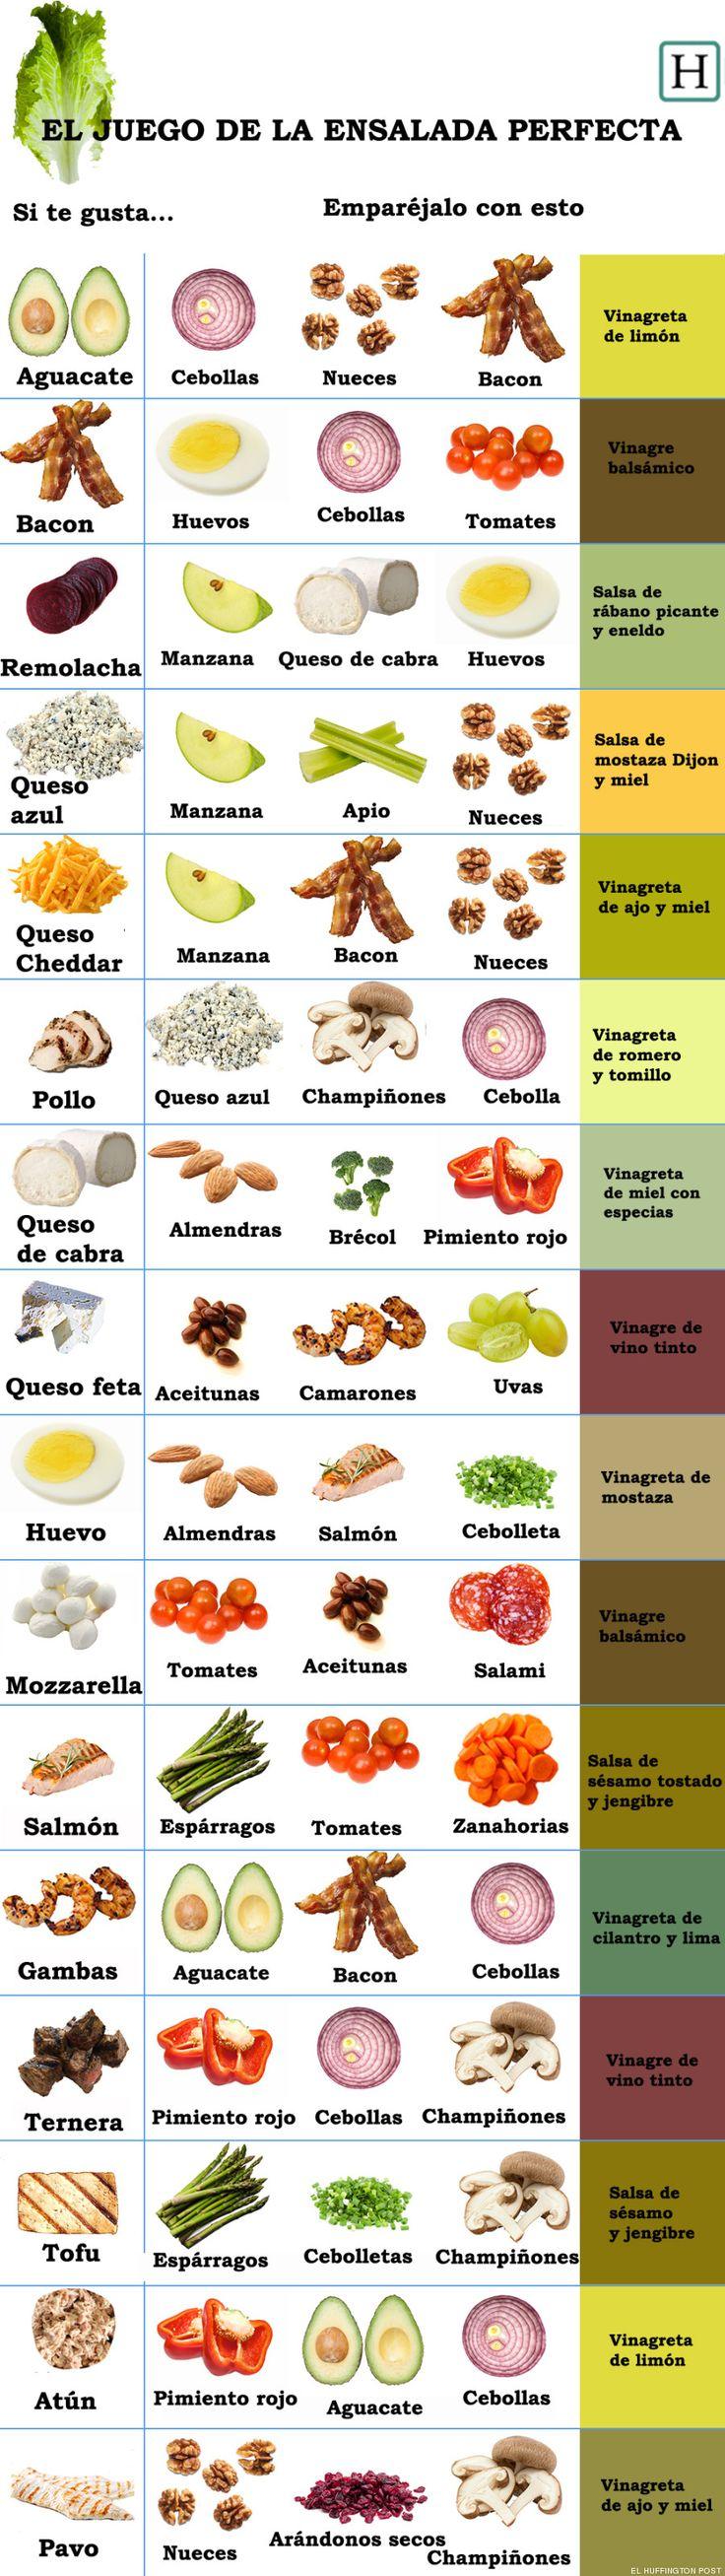 #Infografia Cómo preparar la #ensalada perfecta: elige un ingrediente y acompáñalo con estos tres